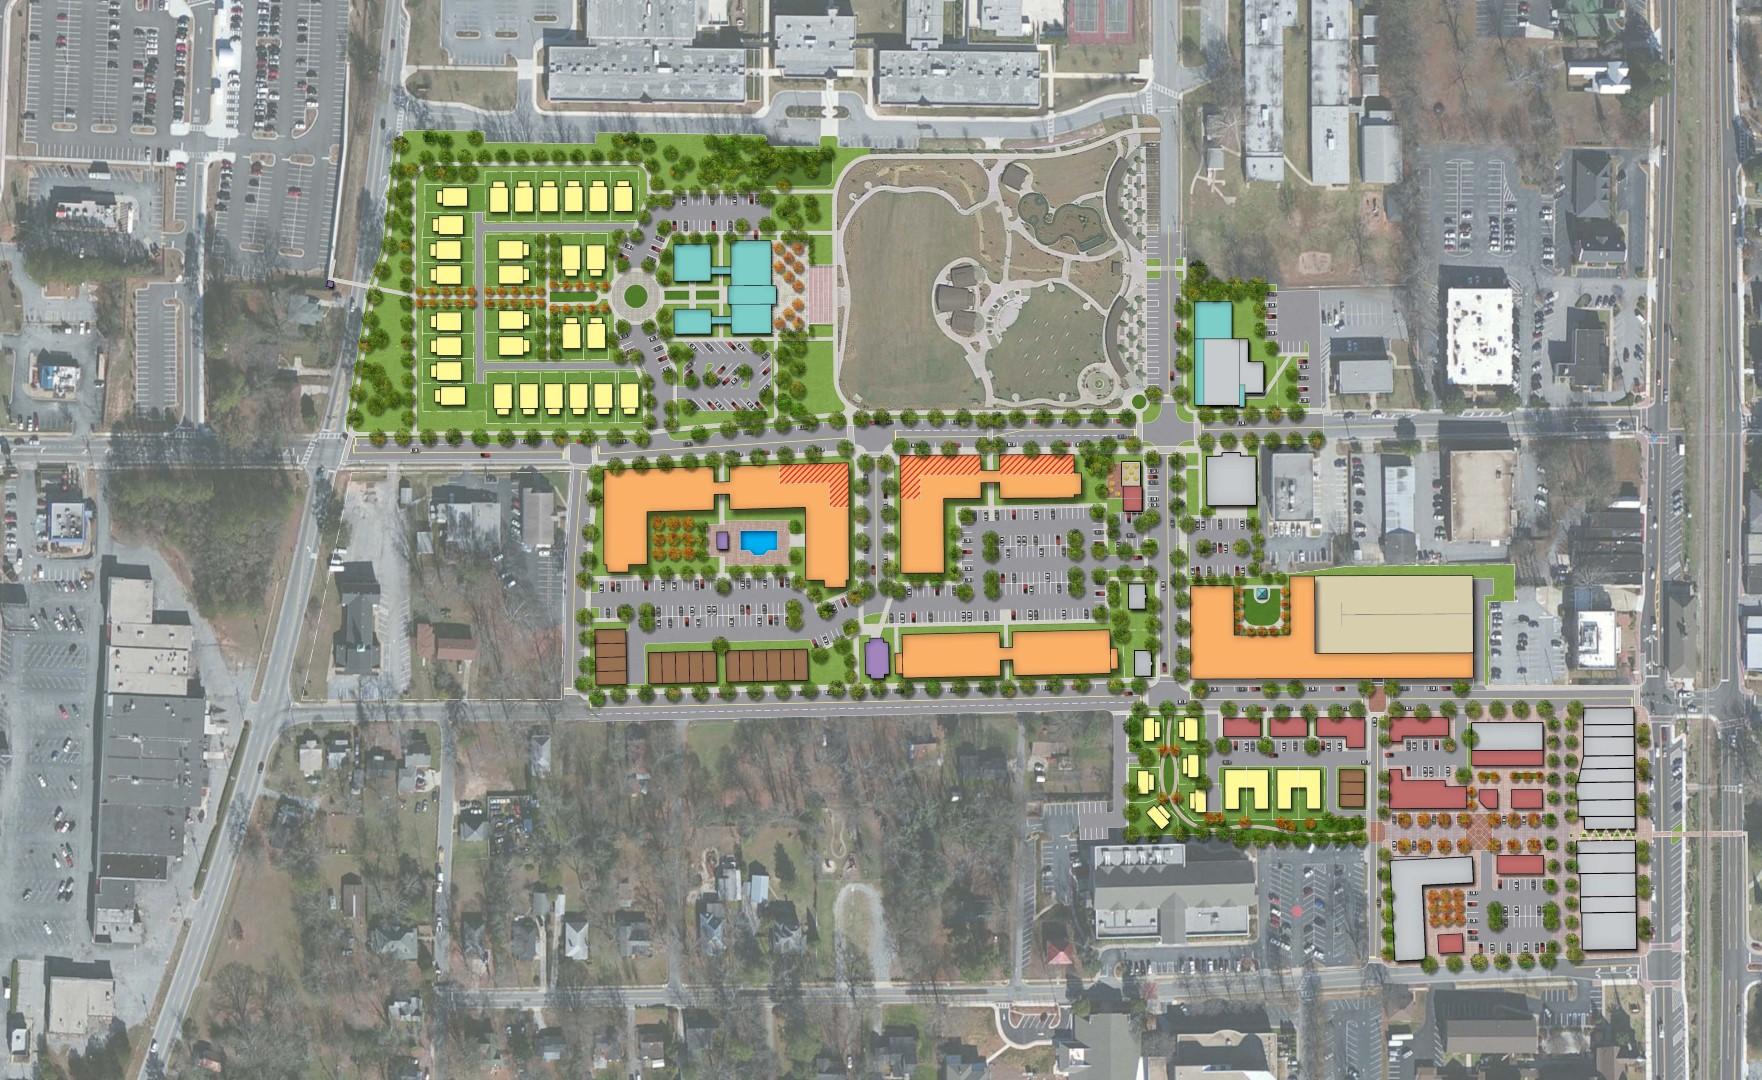 TSW Blueprint-Jonesboro-LCI_004 Blueprint Jonesboro LCI    TSW